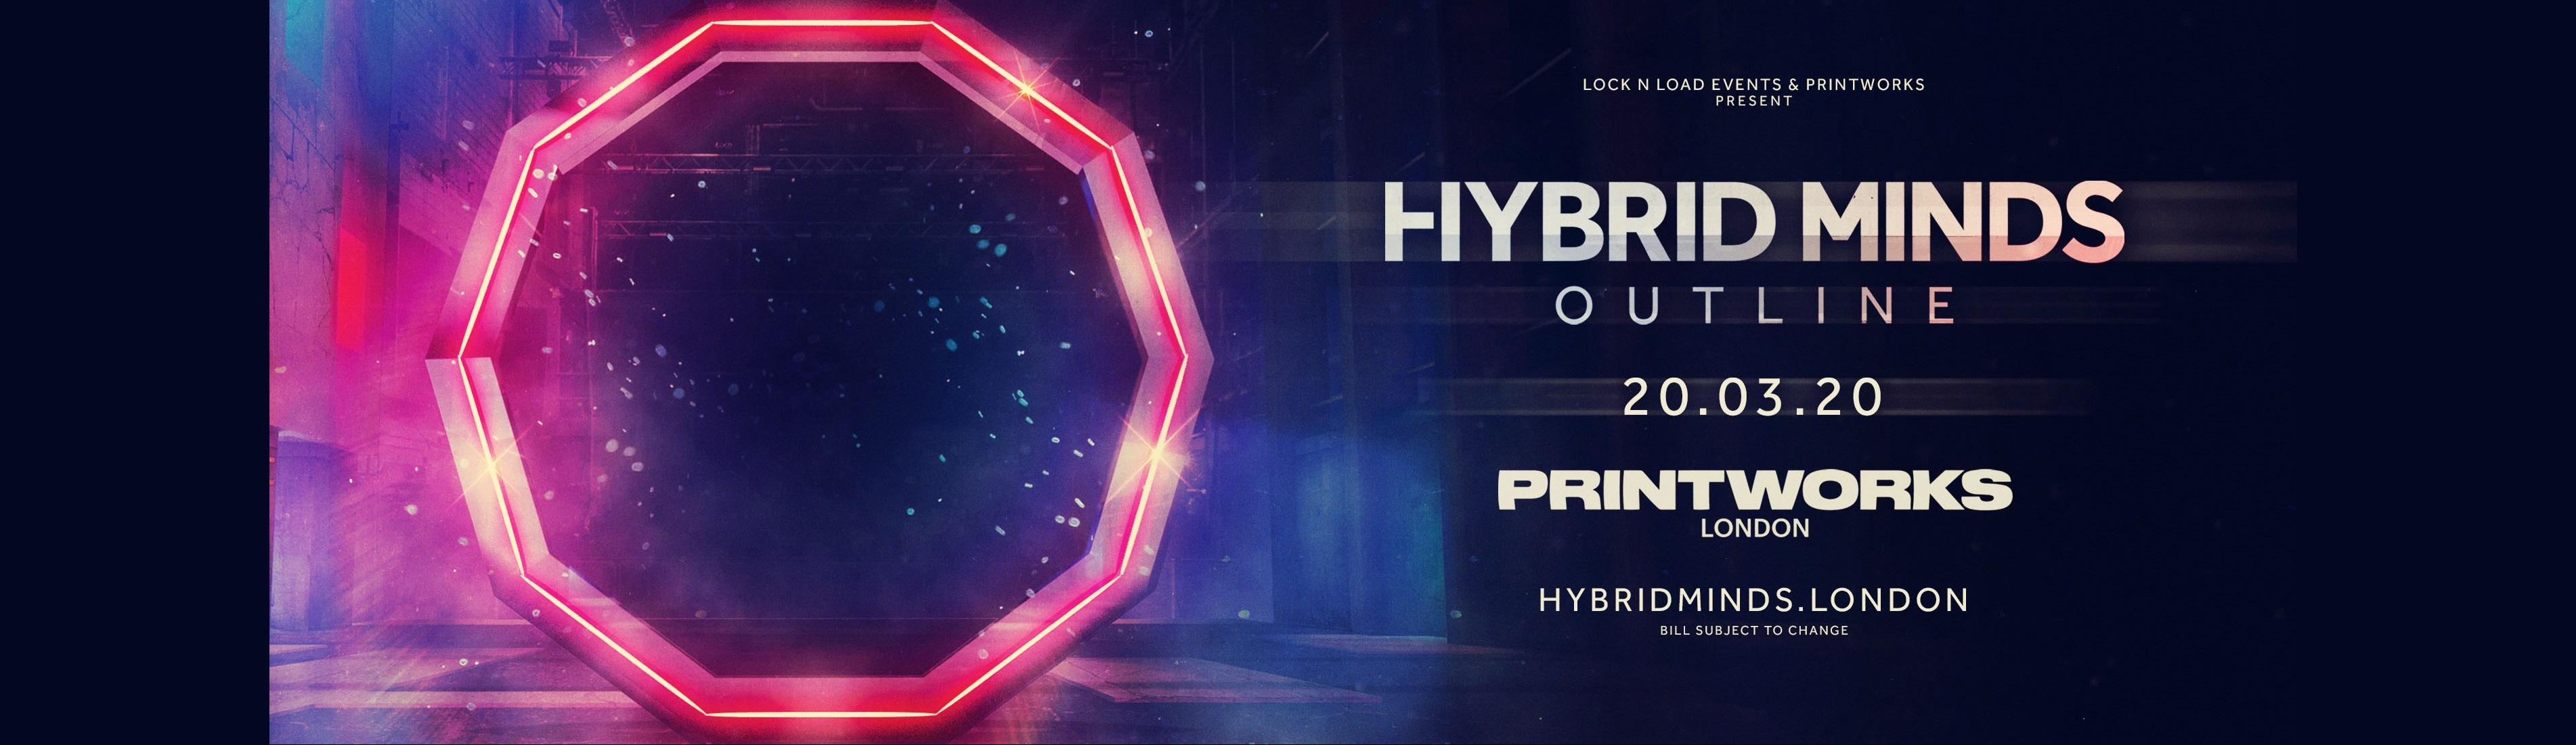 Hybrid Minds presents Outline